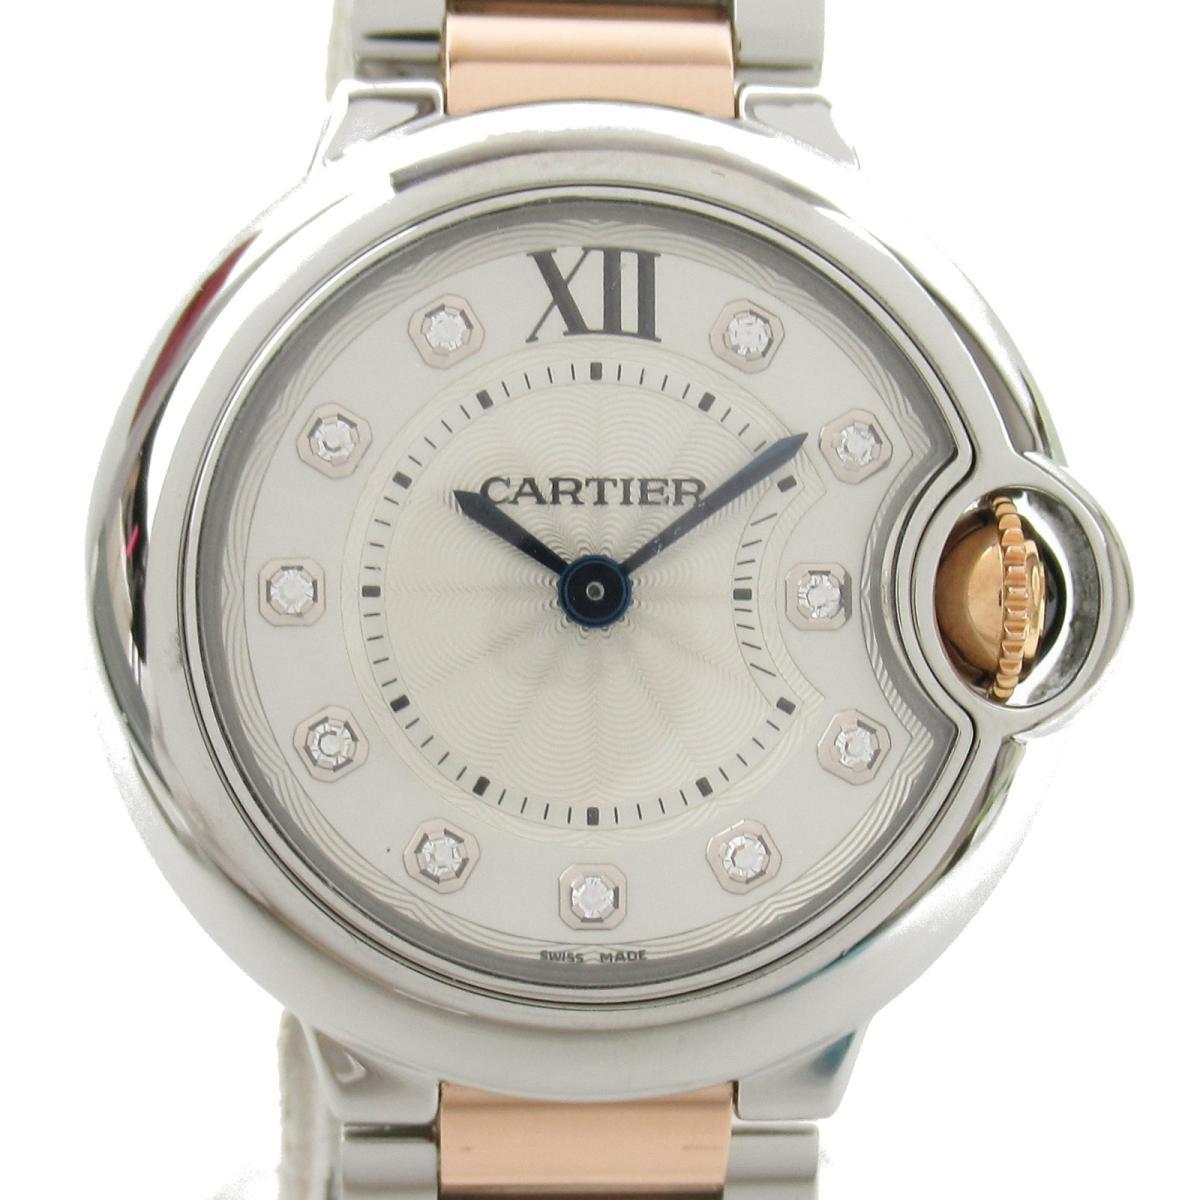 【中古】 カルティエ バロンブルーSM 11P ダイヤモンド 腕時計 レディース ステンレススチール (SS) K18PG (ピンクゴールド) (WE902030) | Cartier BRANDOFF ブランドオフ ブランド ブランド時計 ブランド腕時計 時計